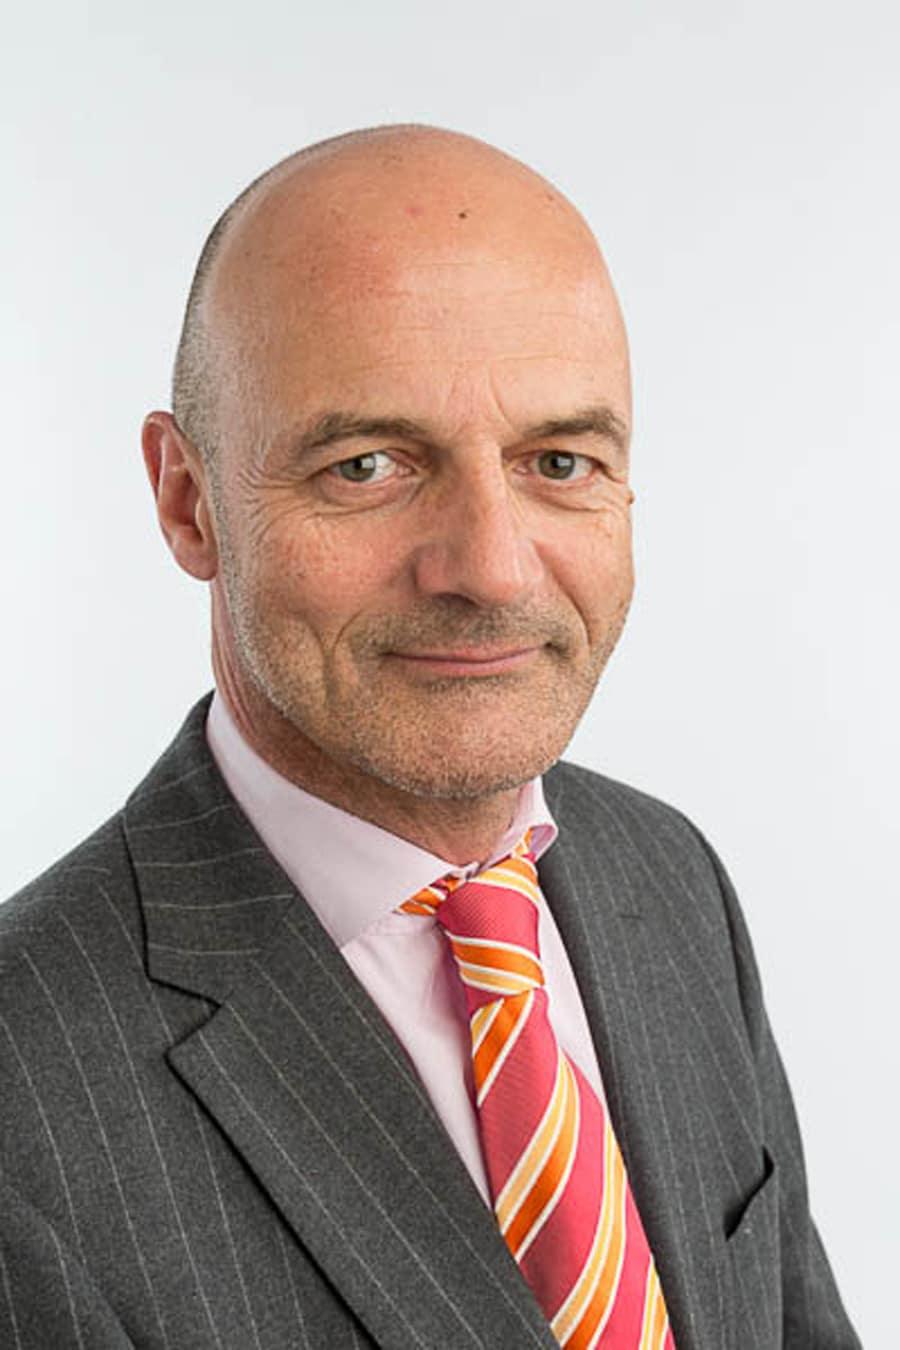 Neuer kaufmännischer Geschäftsführer bei Moritz Grossmann: Johann Baptist Lindner